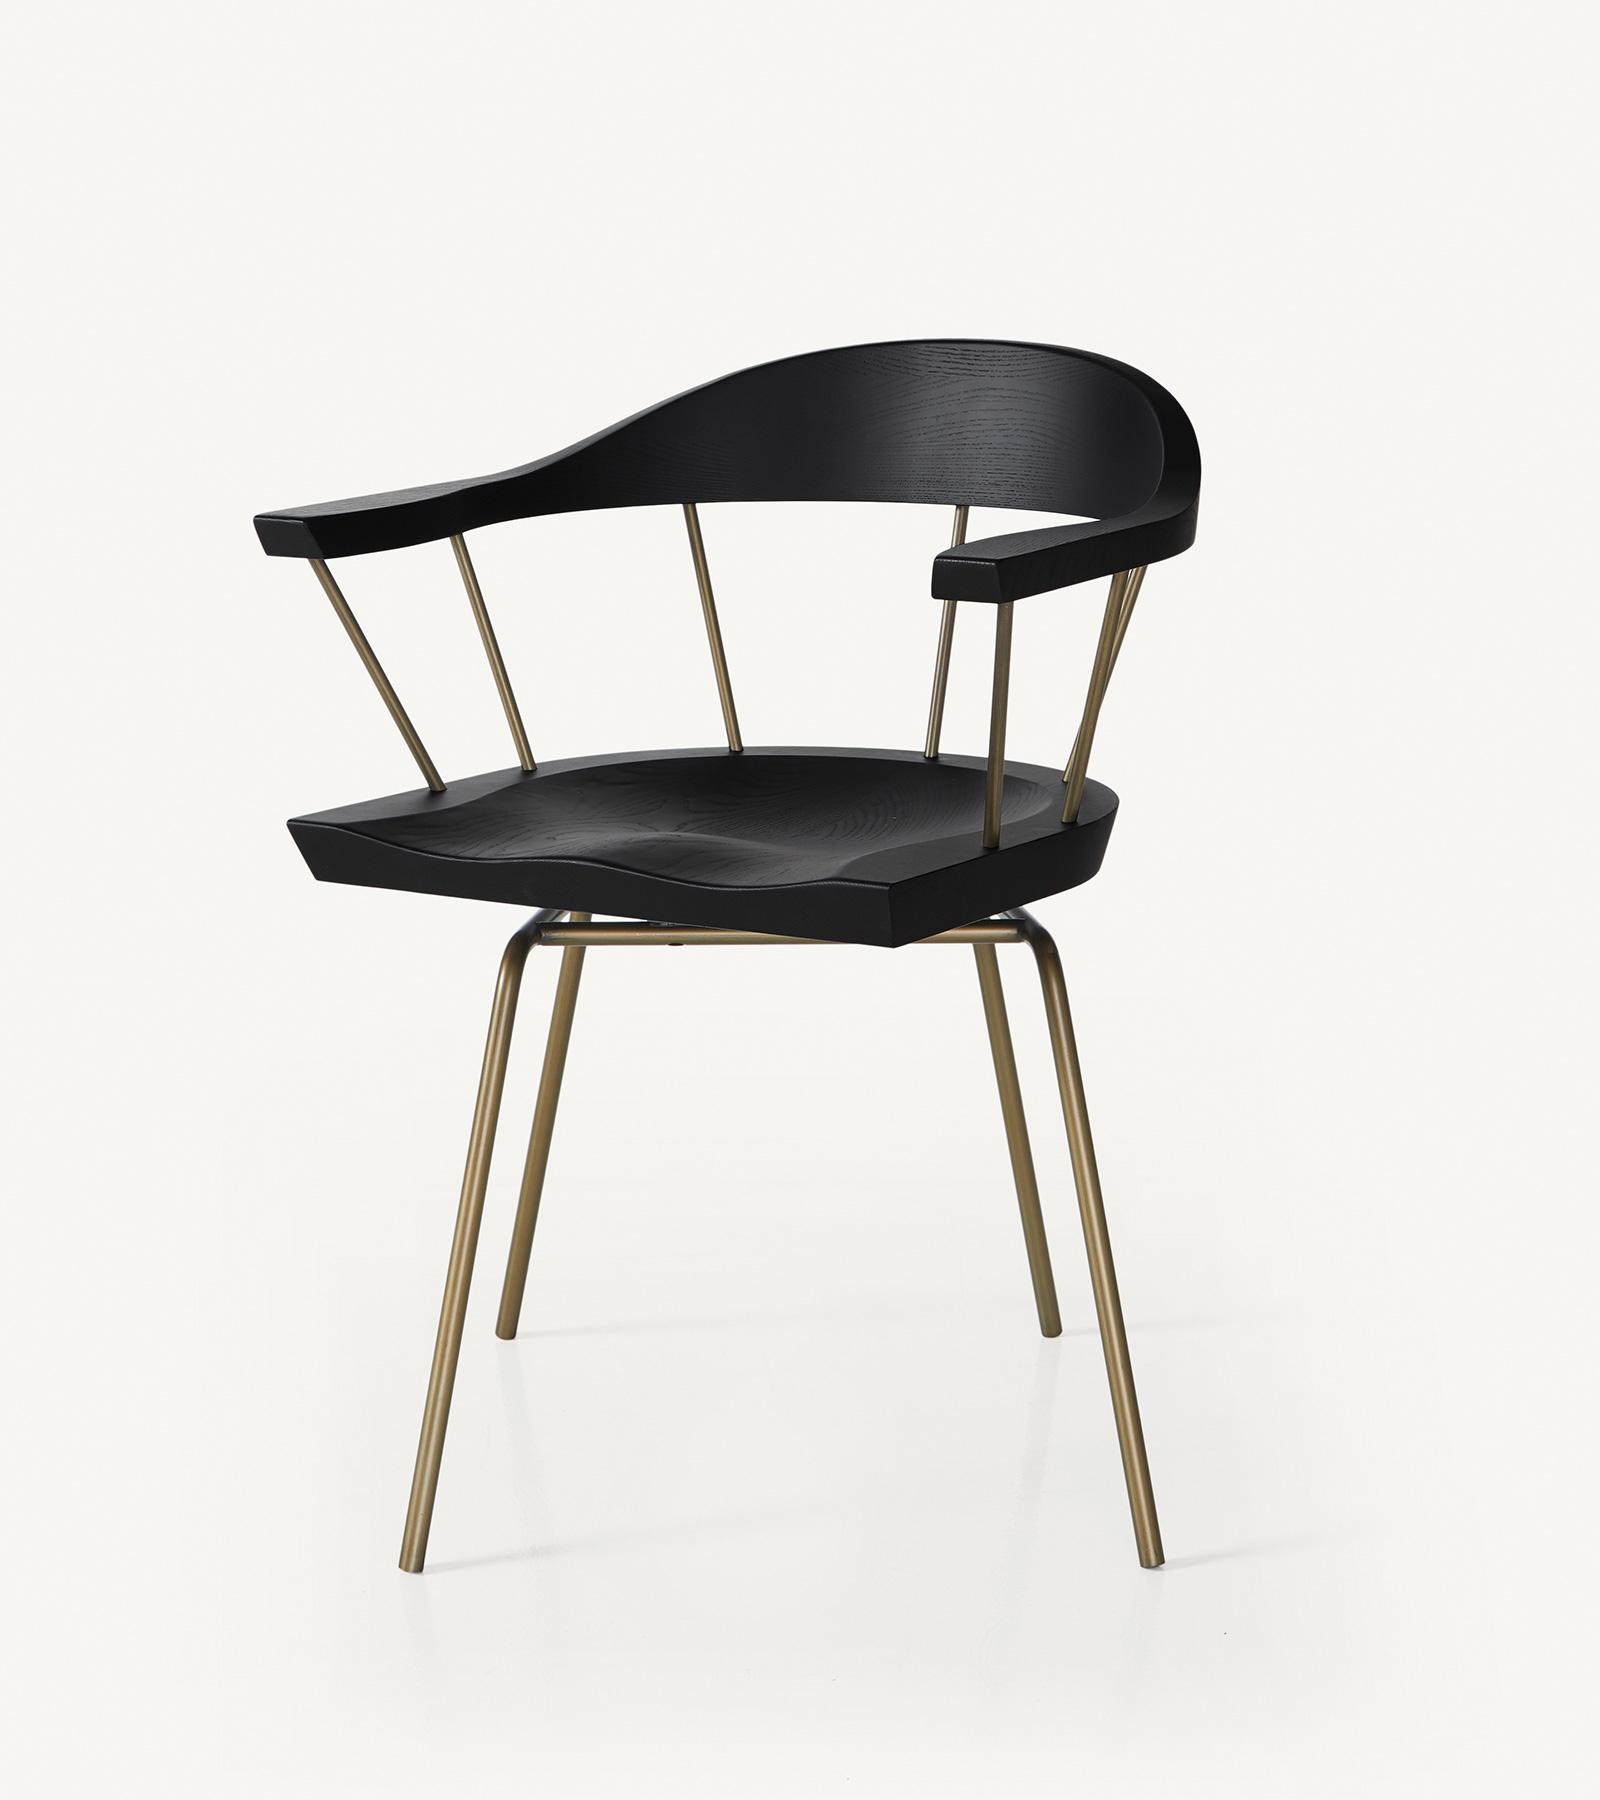 TinnappleMetz-bassamfellows-Spindle-Side-Chair-05